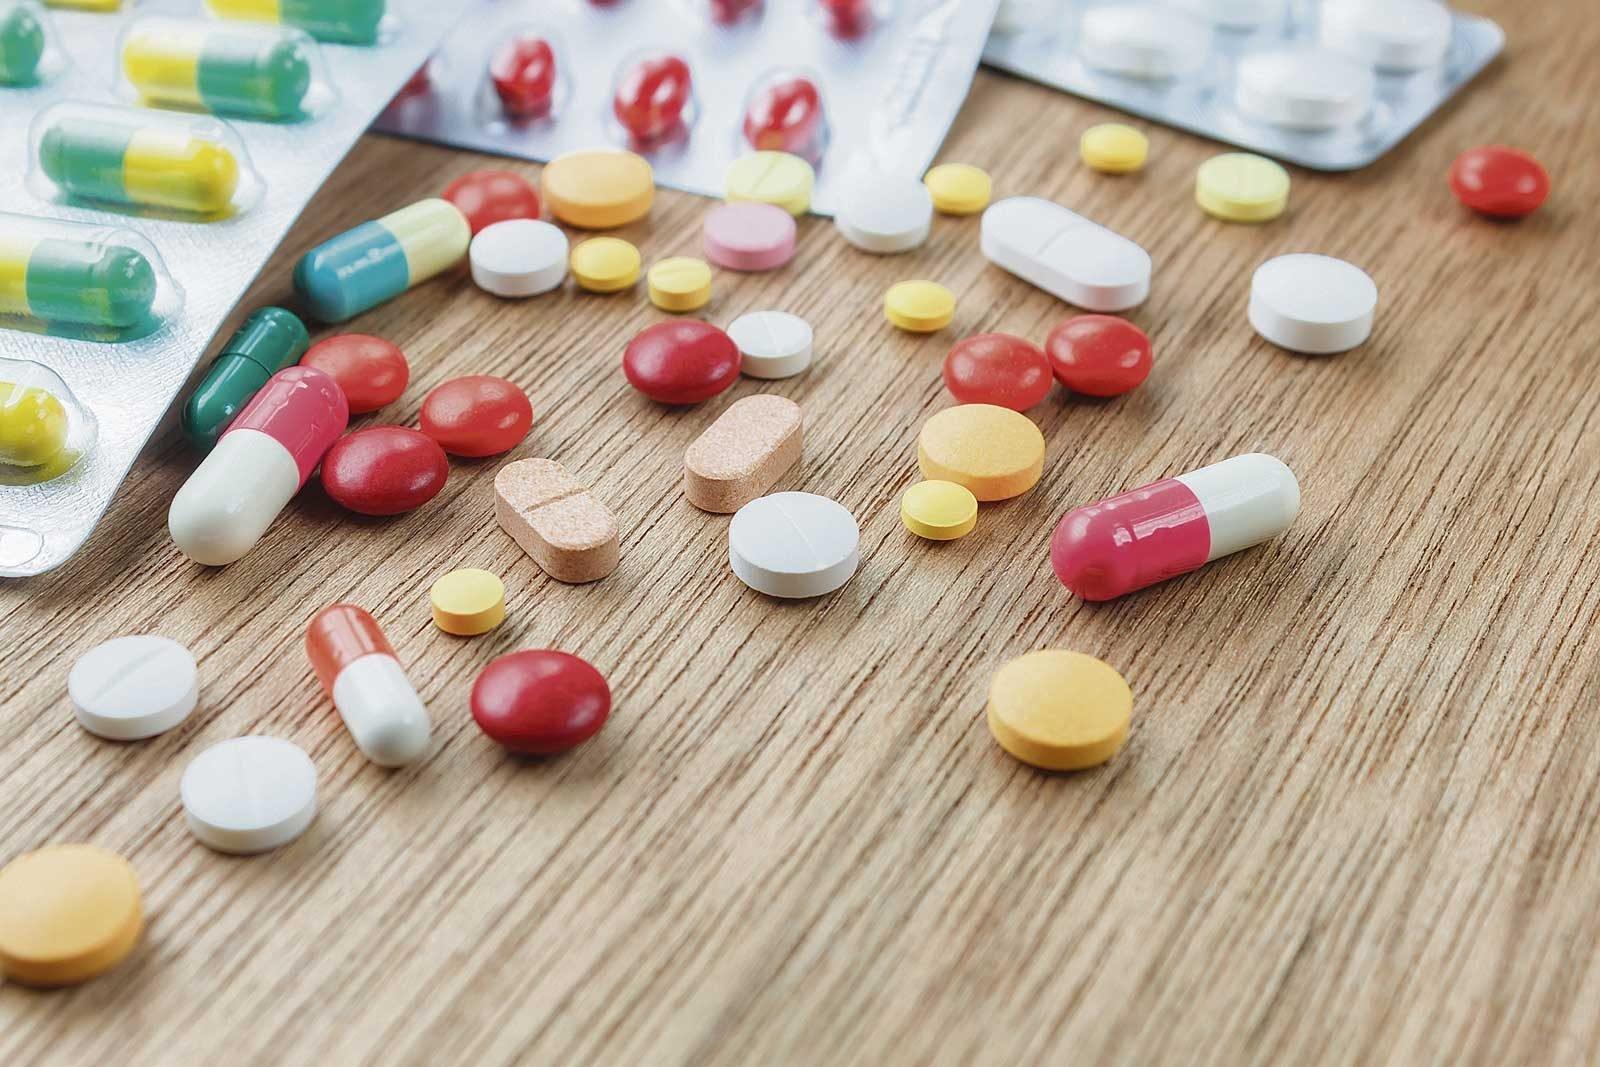 cele mai eficiente pastile pentru dureri articulare